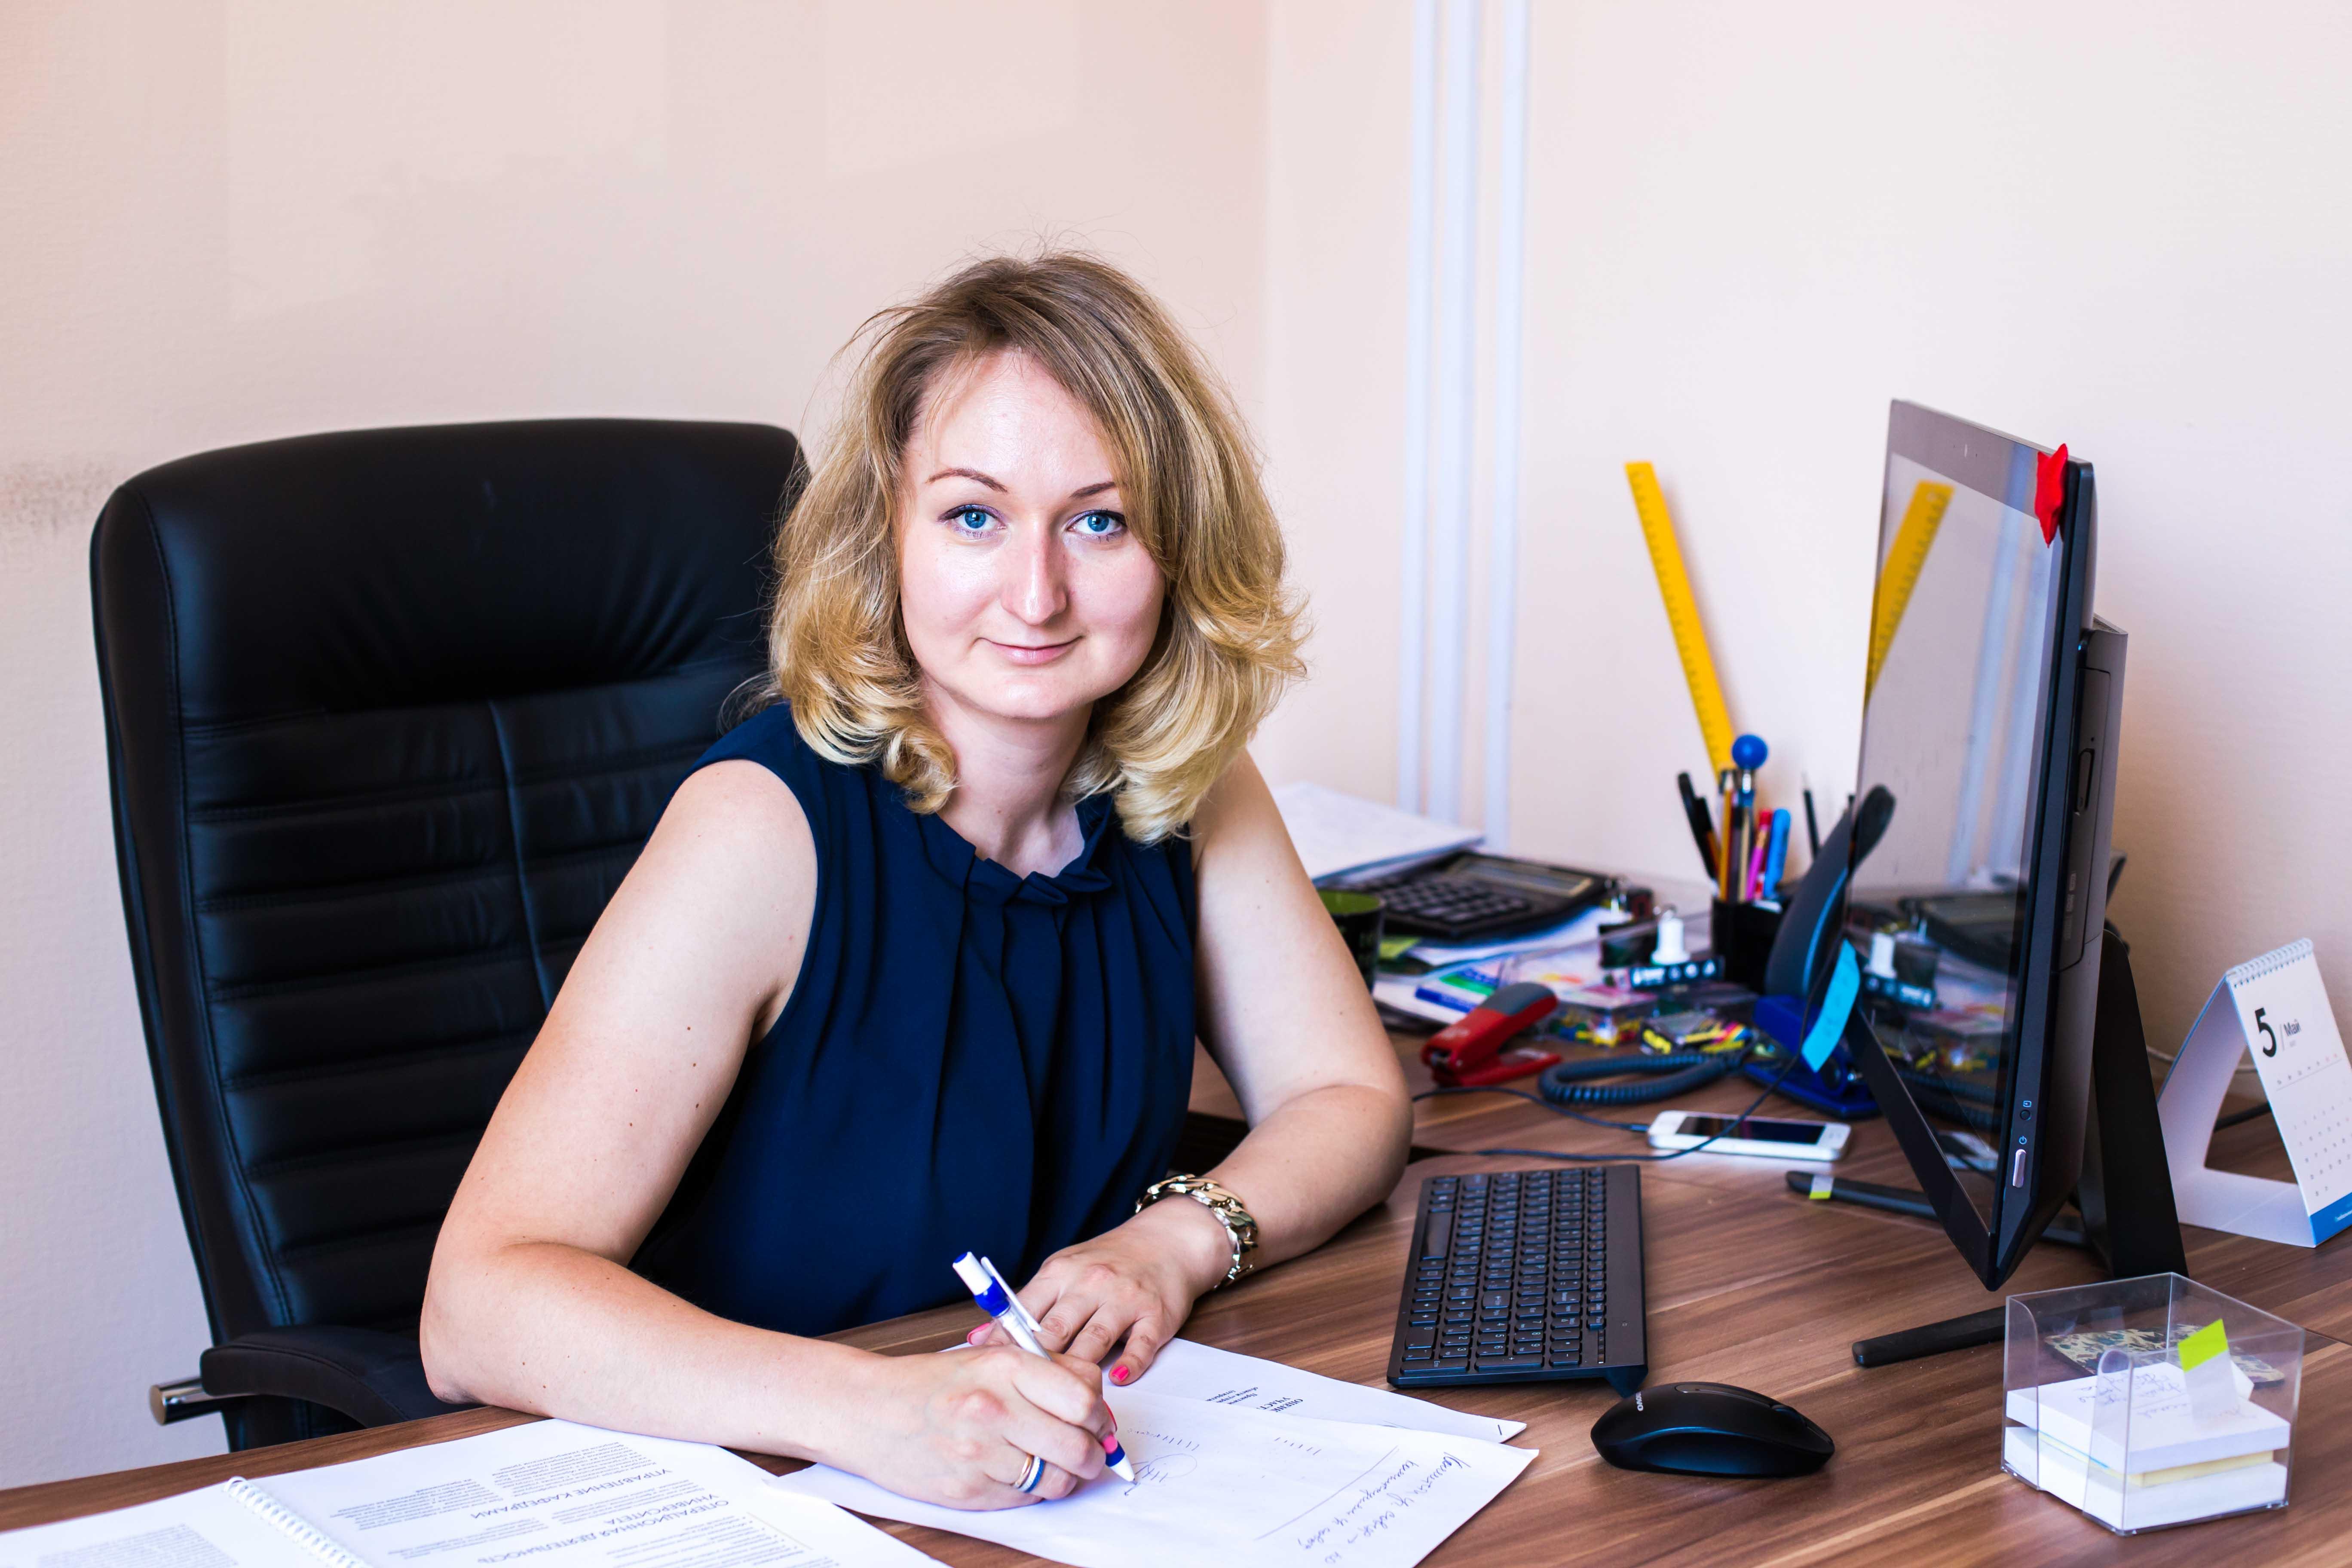 Университет ИТМО. Марианна Чистякова